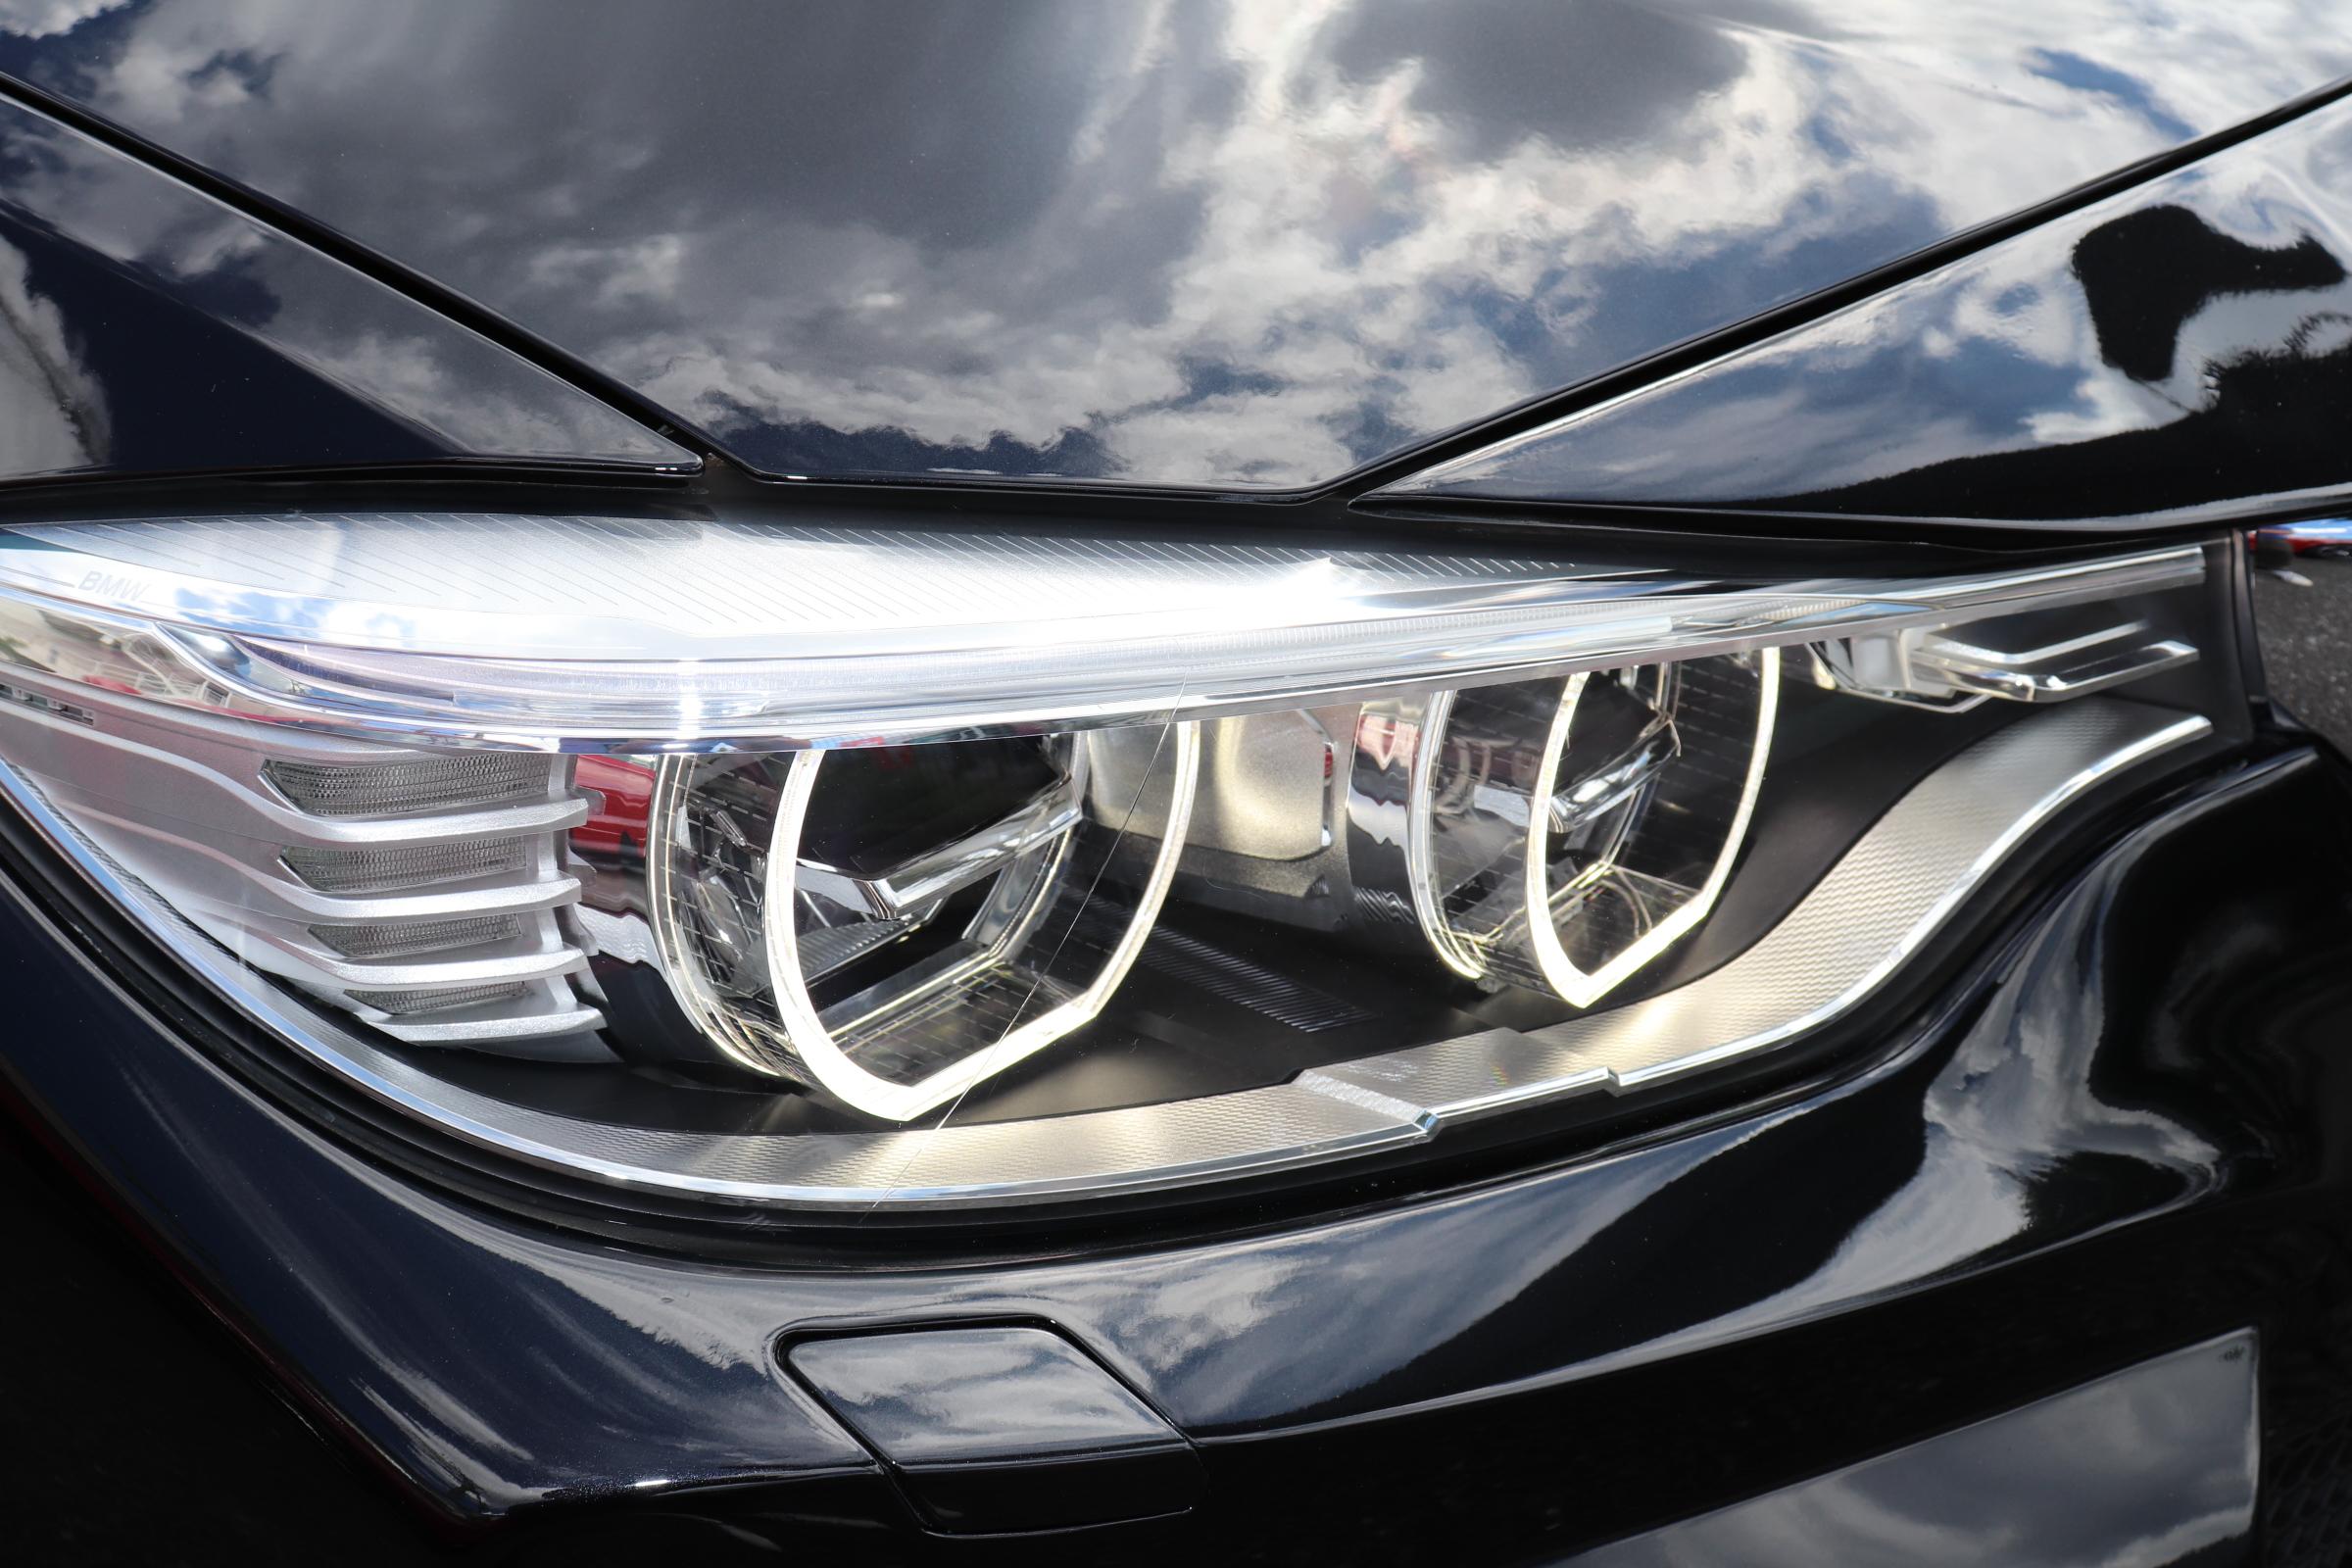 420iクーペラグジュアリーBEAMコンプリートカー LEDヘッドライト 淡革 ACC車両画像15